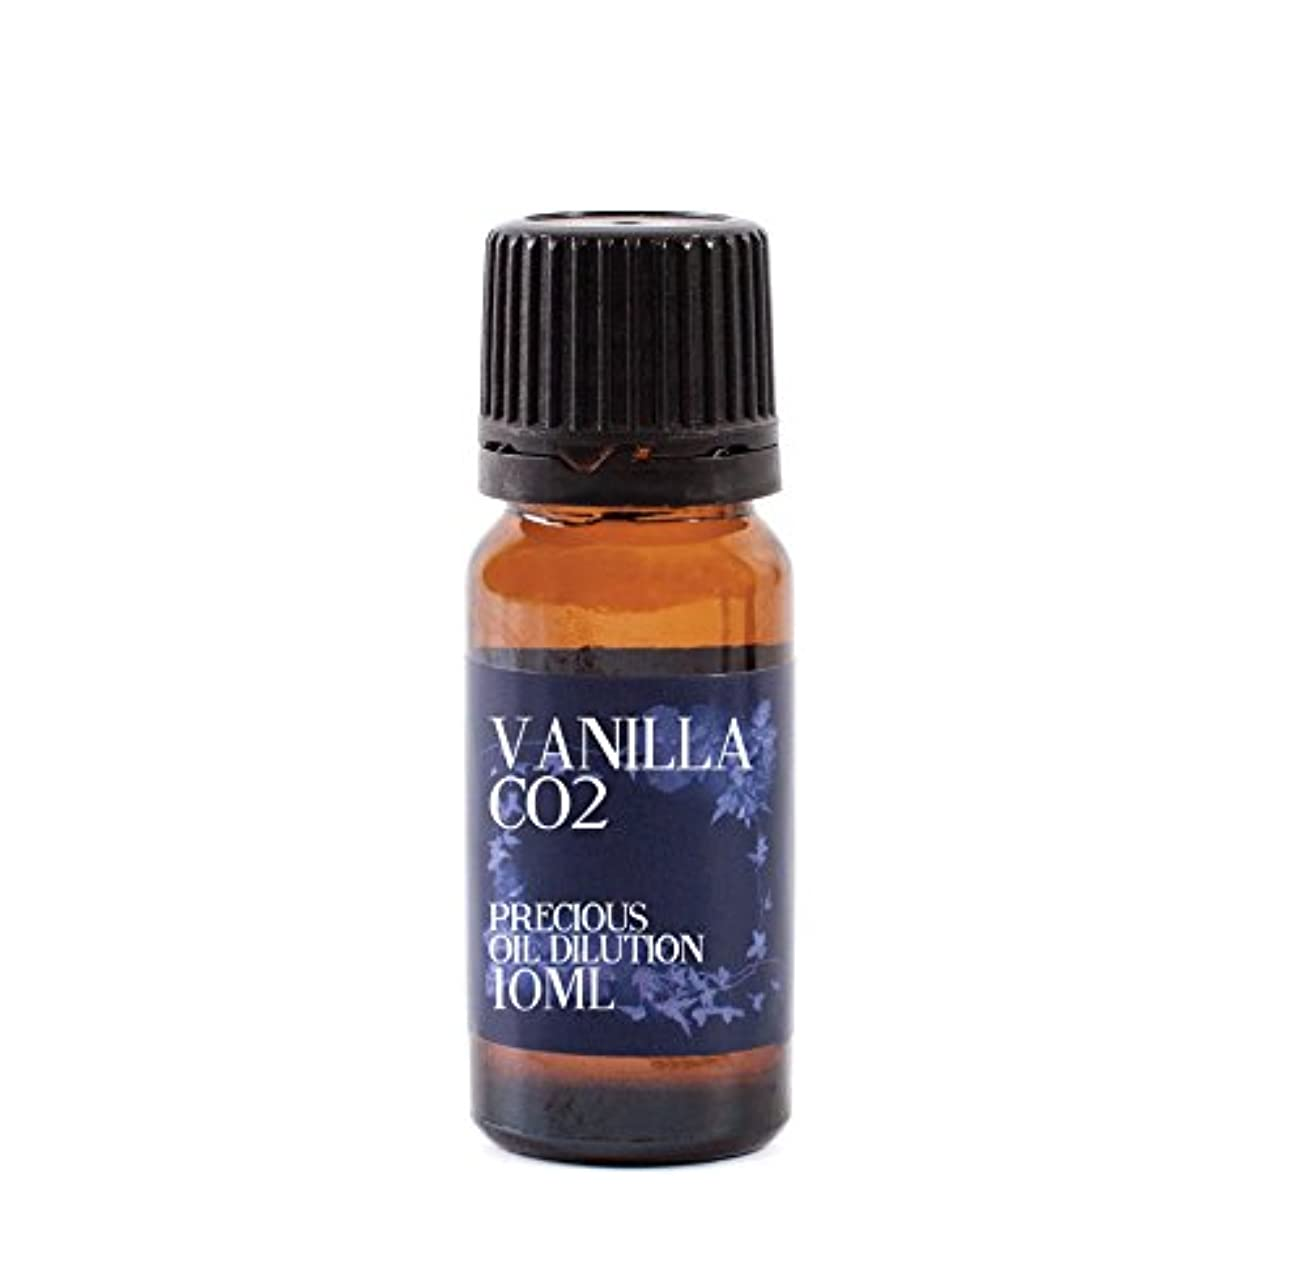 ラビリンス相談レンチMystic Moments | Vanilla CO2 Essential Oil Dilution - 10ml - 3% Jojoba Blend